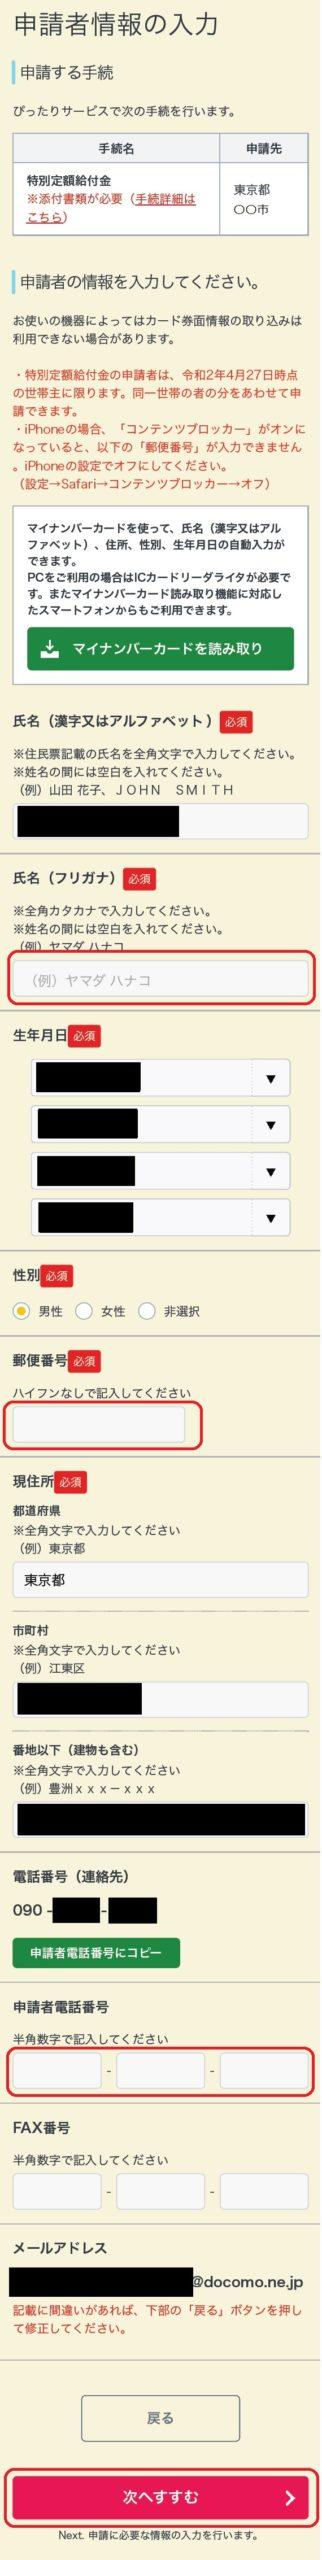 マイナポータル 特別定額給付金 オンライン申請